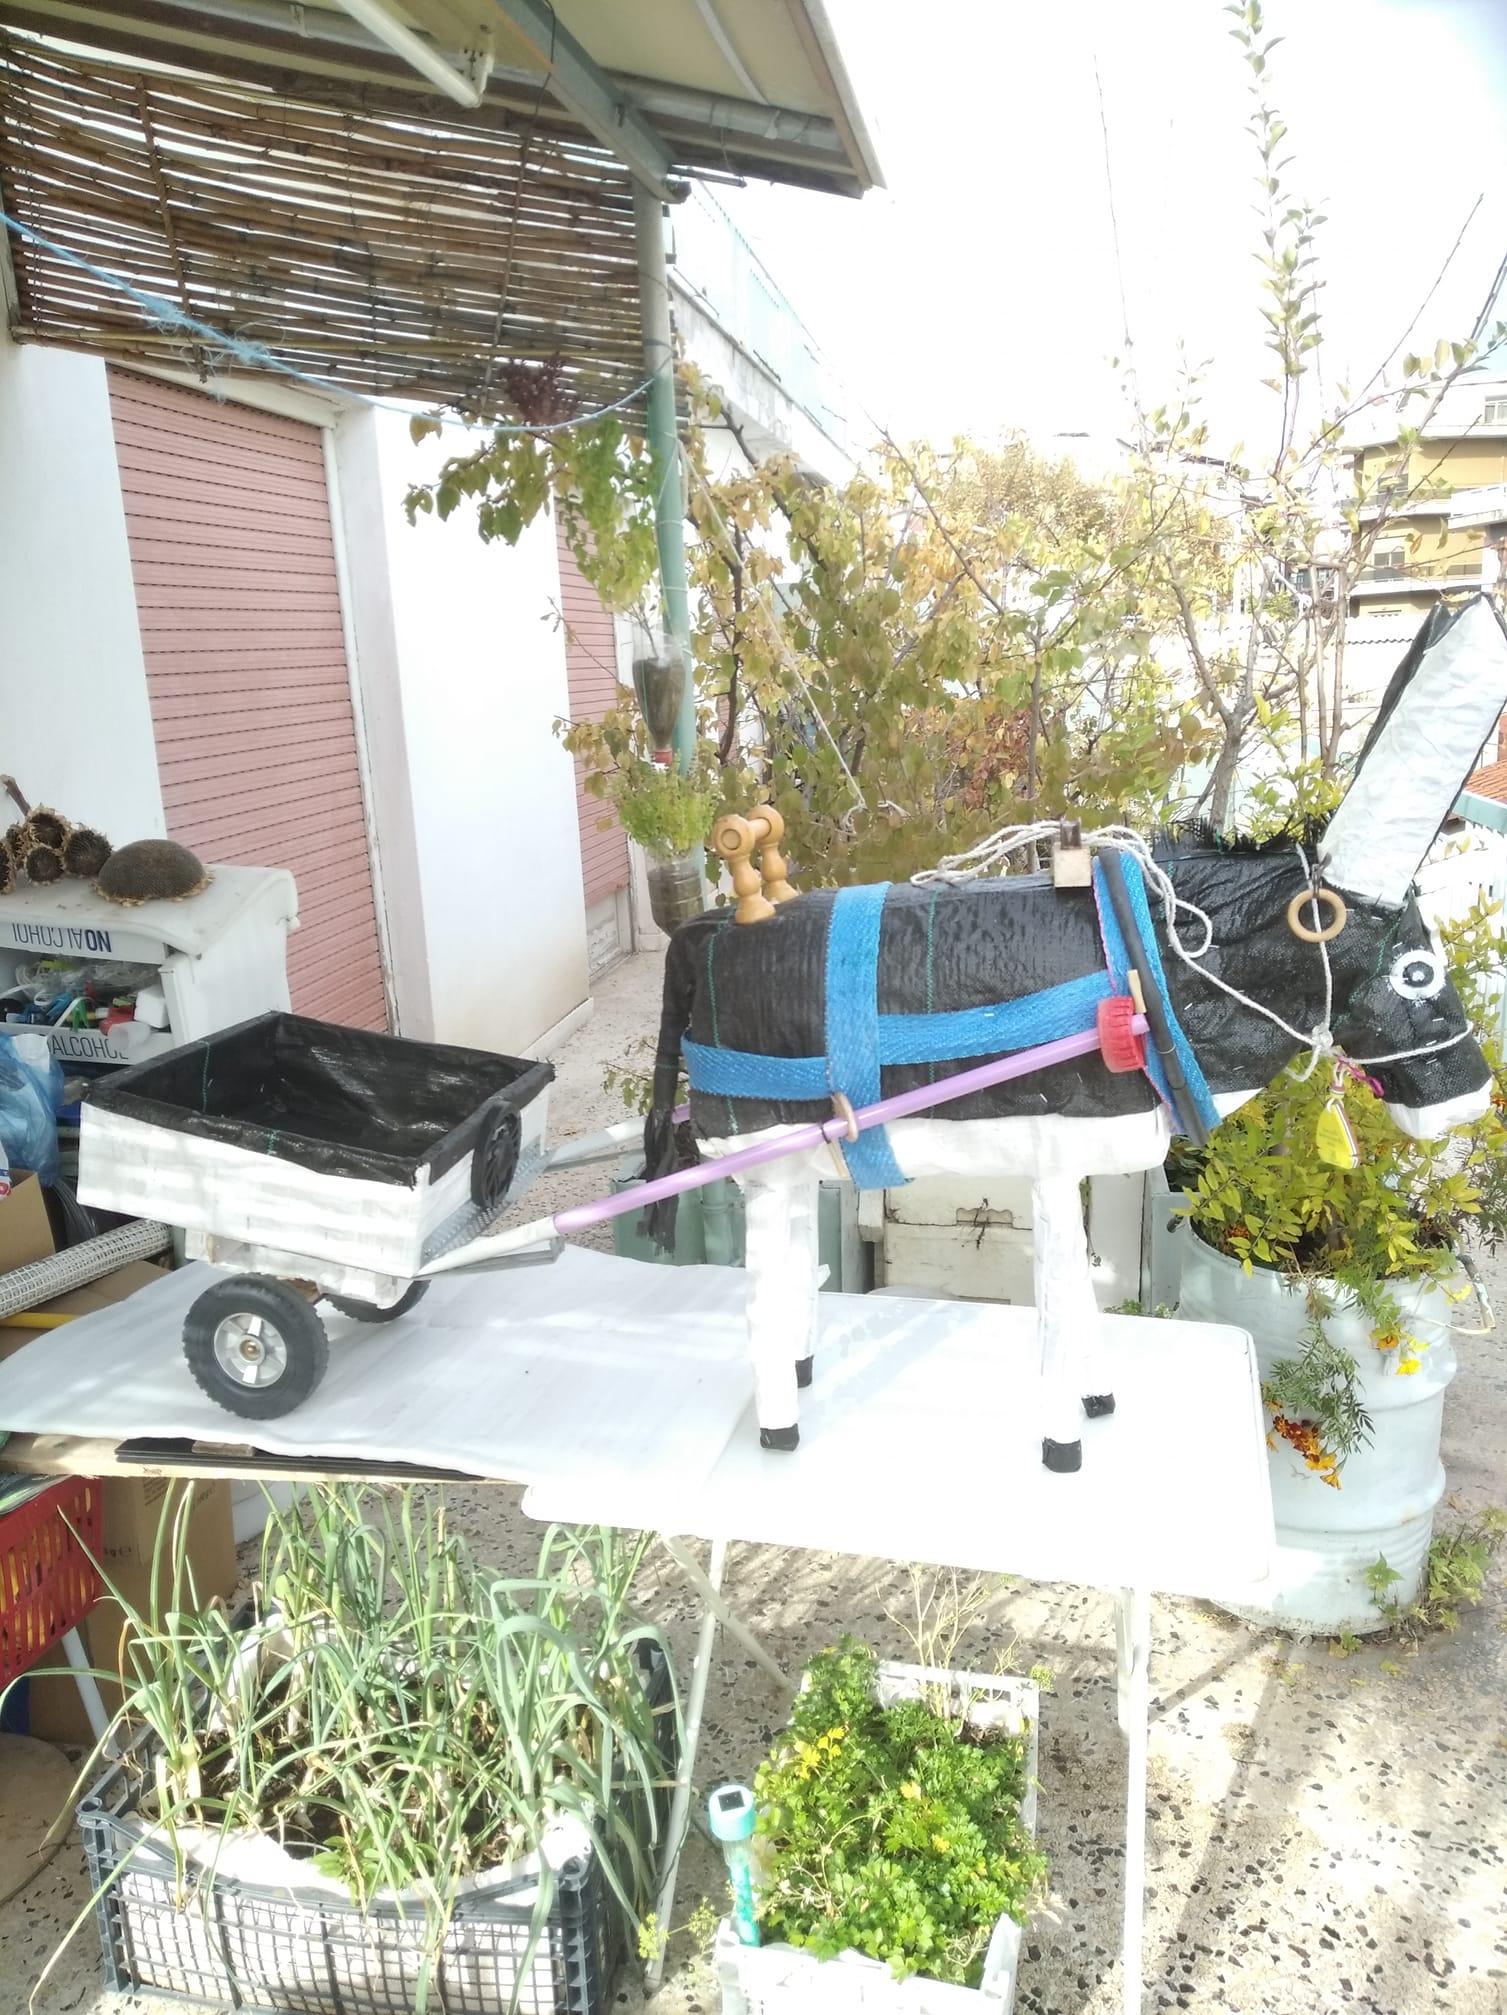 Η εφευρετικότητα του  Σταύρου Καραγιάννη. Η απίστευτη κατασκευή του από σκουπίδια για τα παιδιά του Β. Παιδικού Σταθμού Κοζάνης